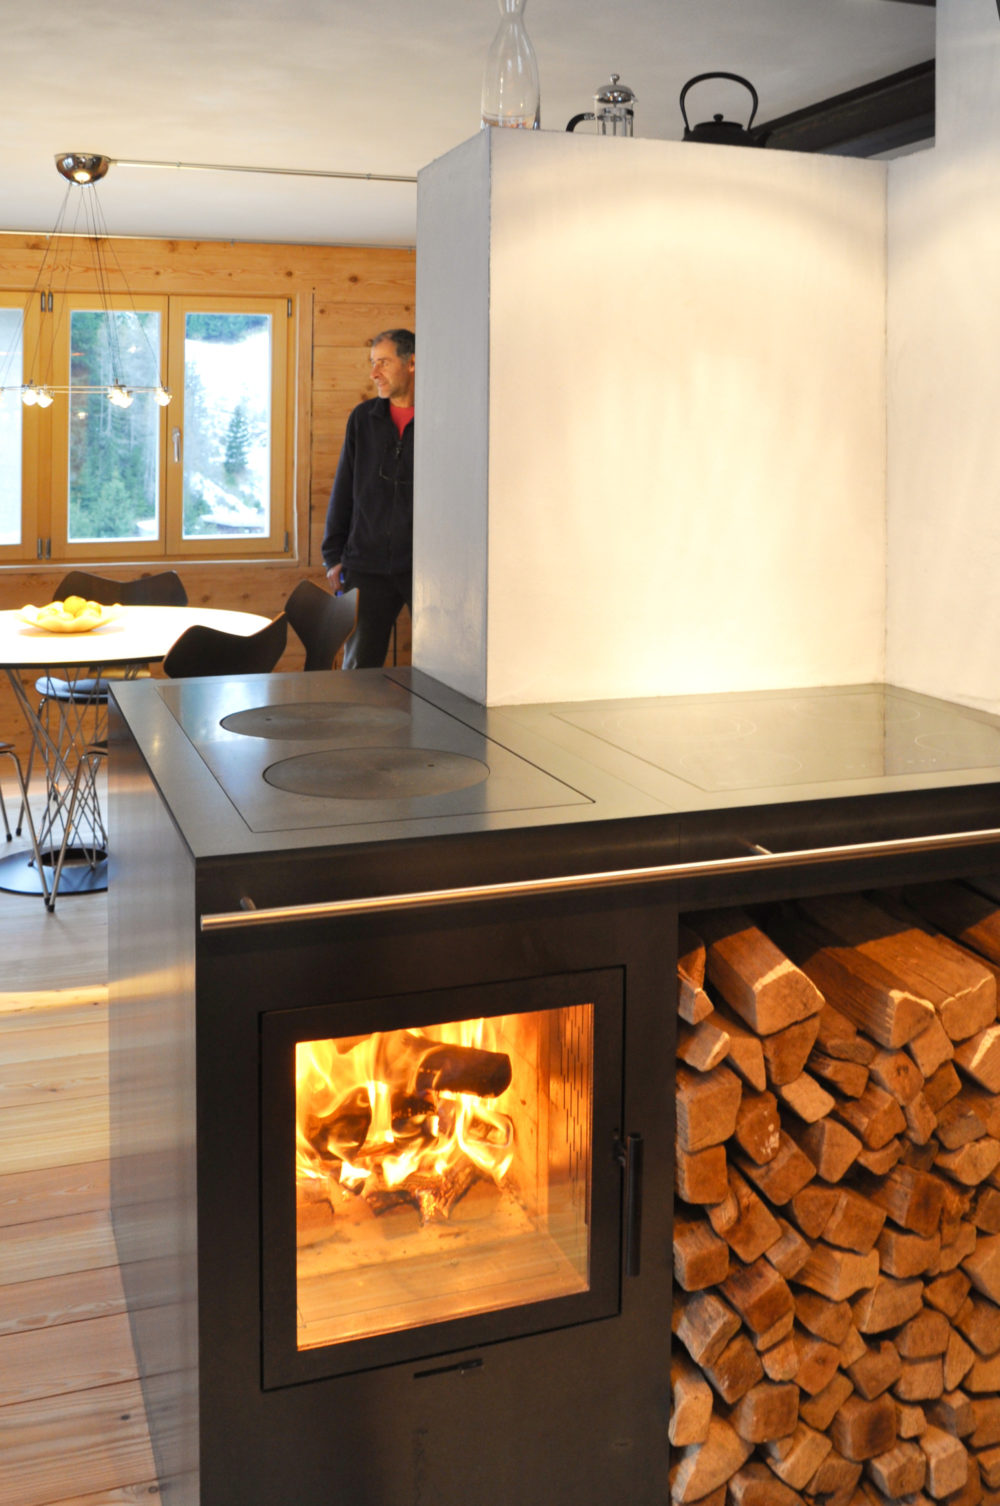 Kochofen in Innerferrera - heizt ein ganzes Haus